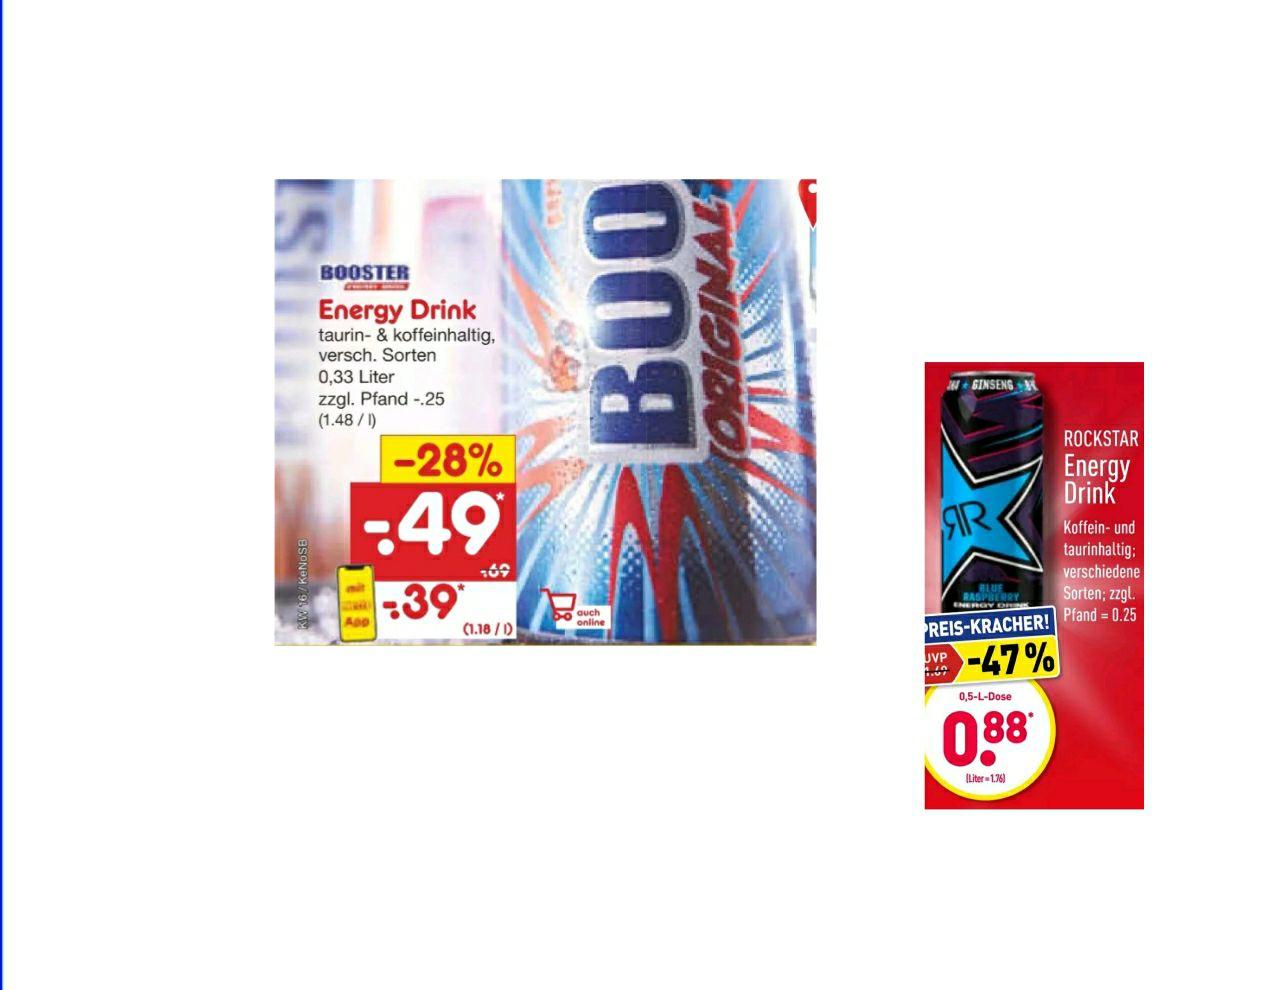 Energy Drink Angebote vom 19.04 - 24.04 z.B. Booster Energy Drink für 0.39€ + 0.25€